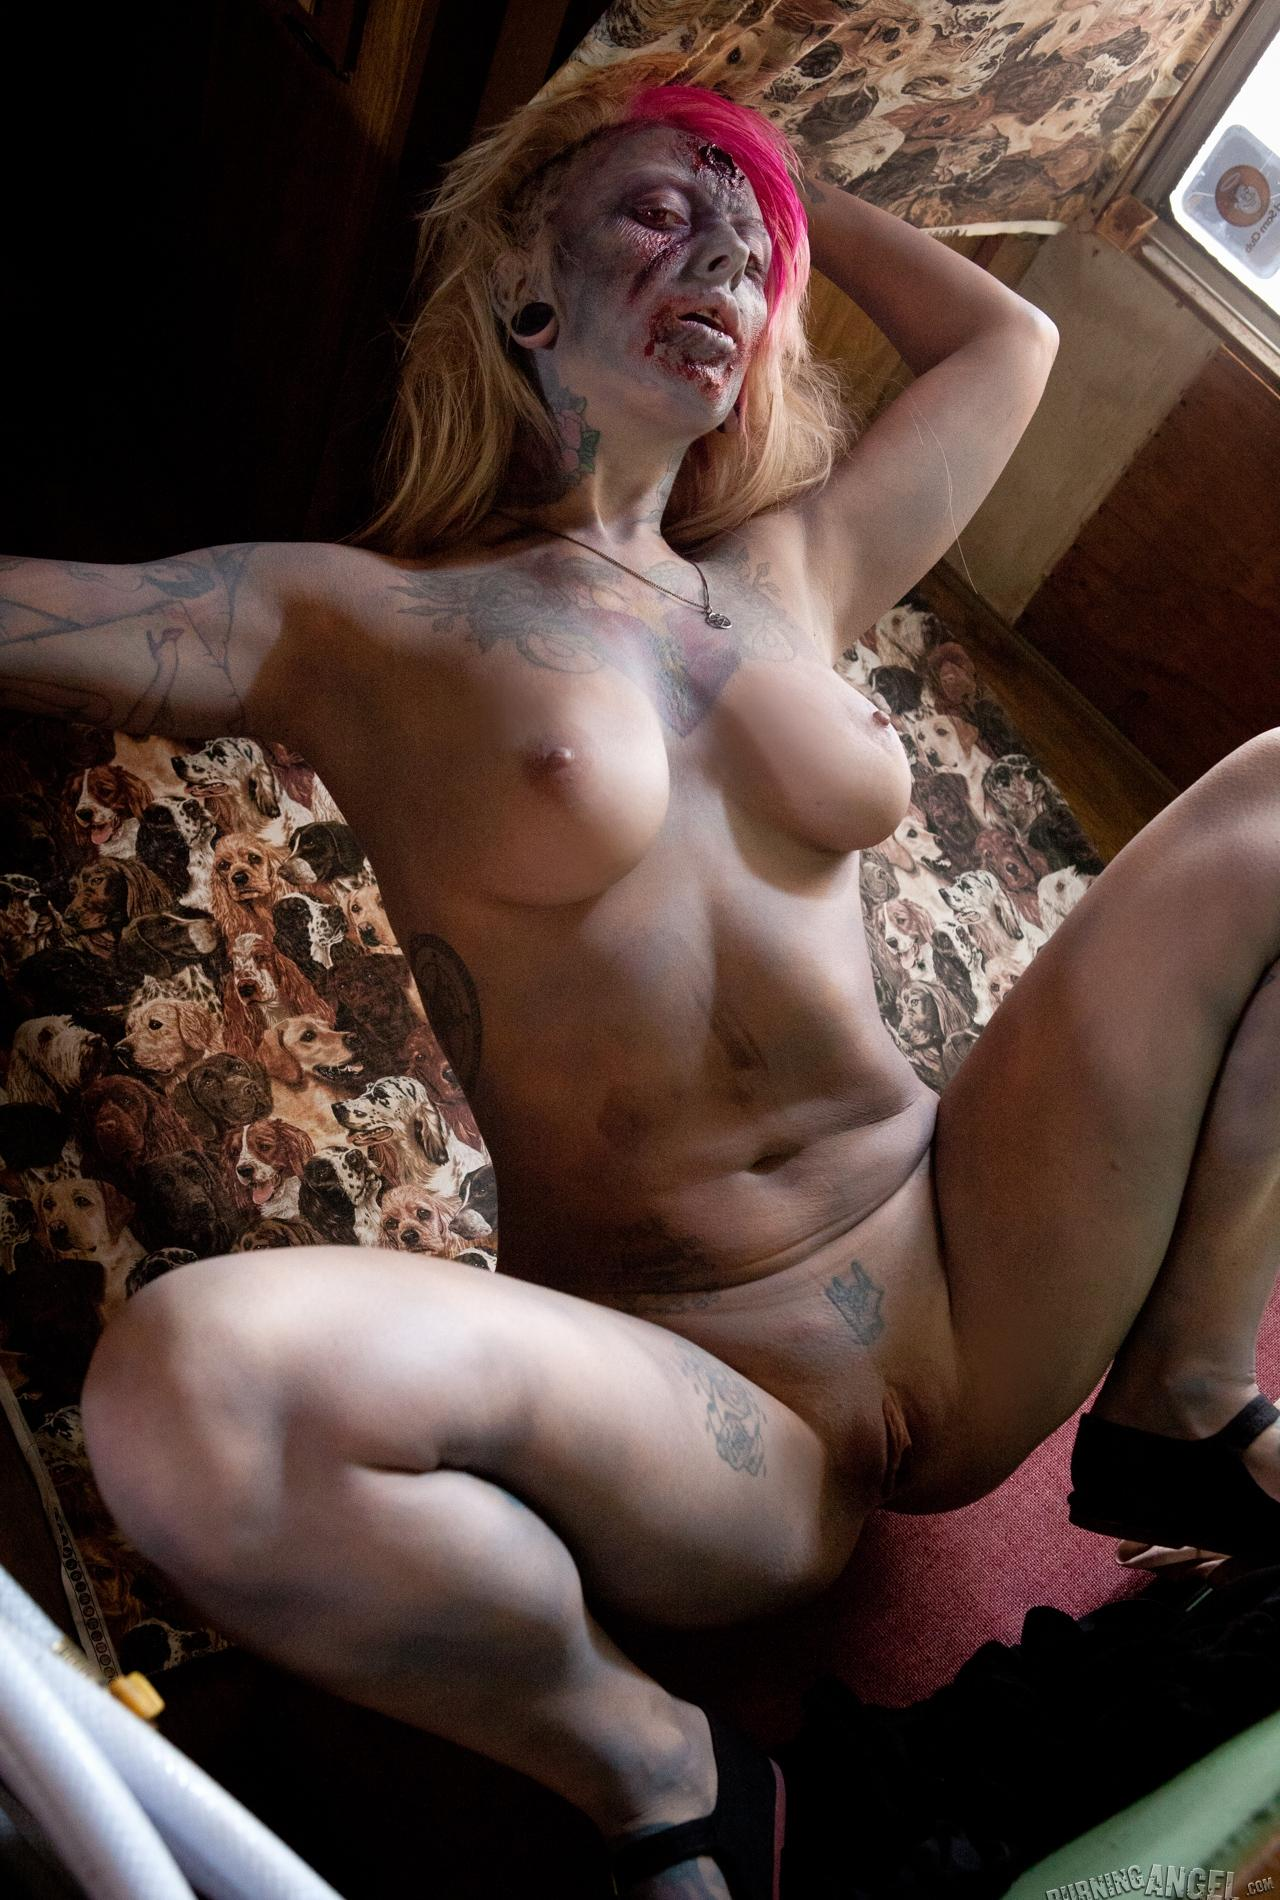 Ugly women nude